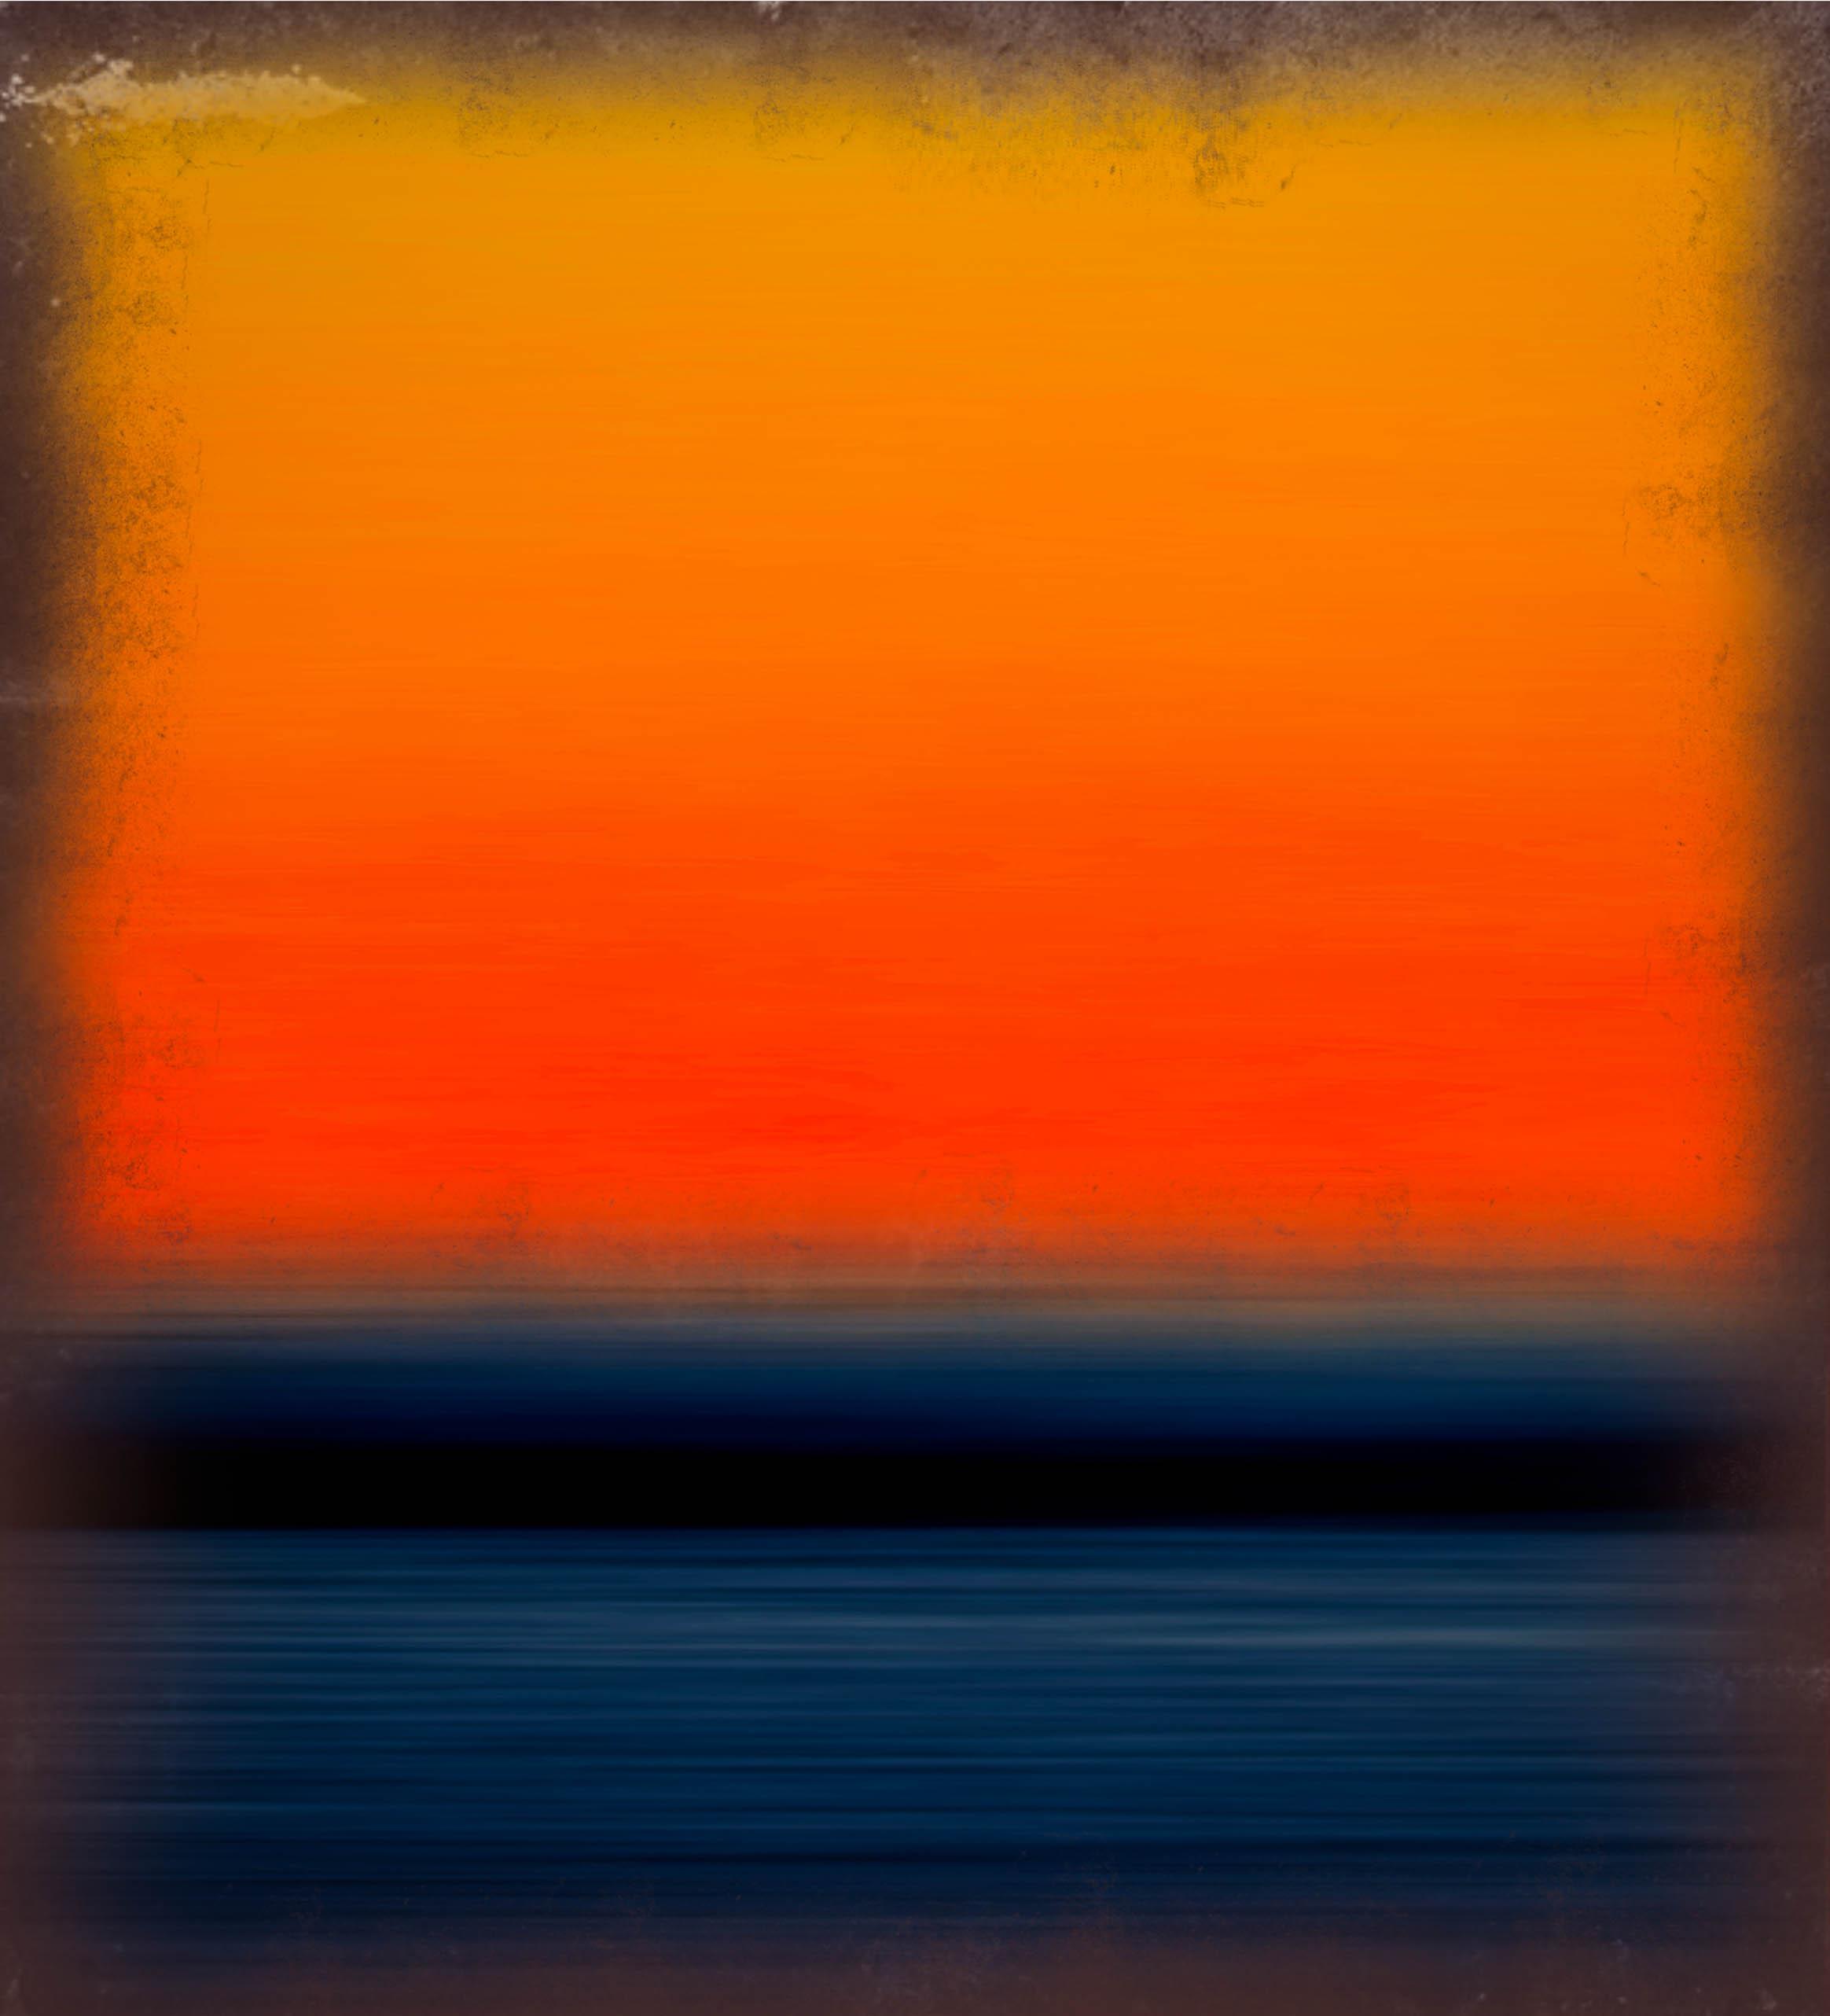 マーク・ロスコの画像 p1_39